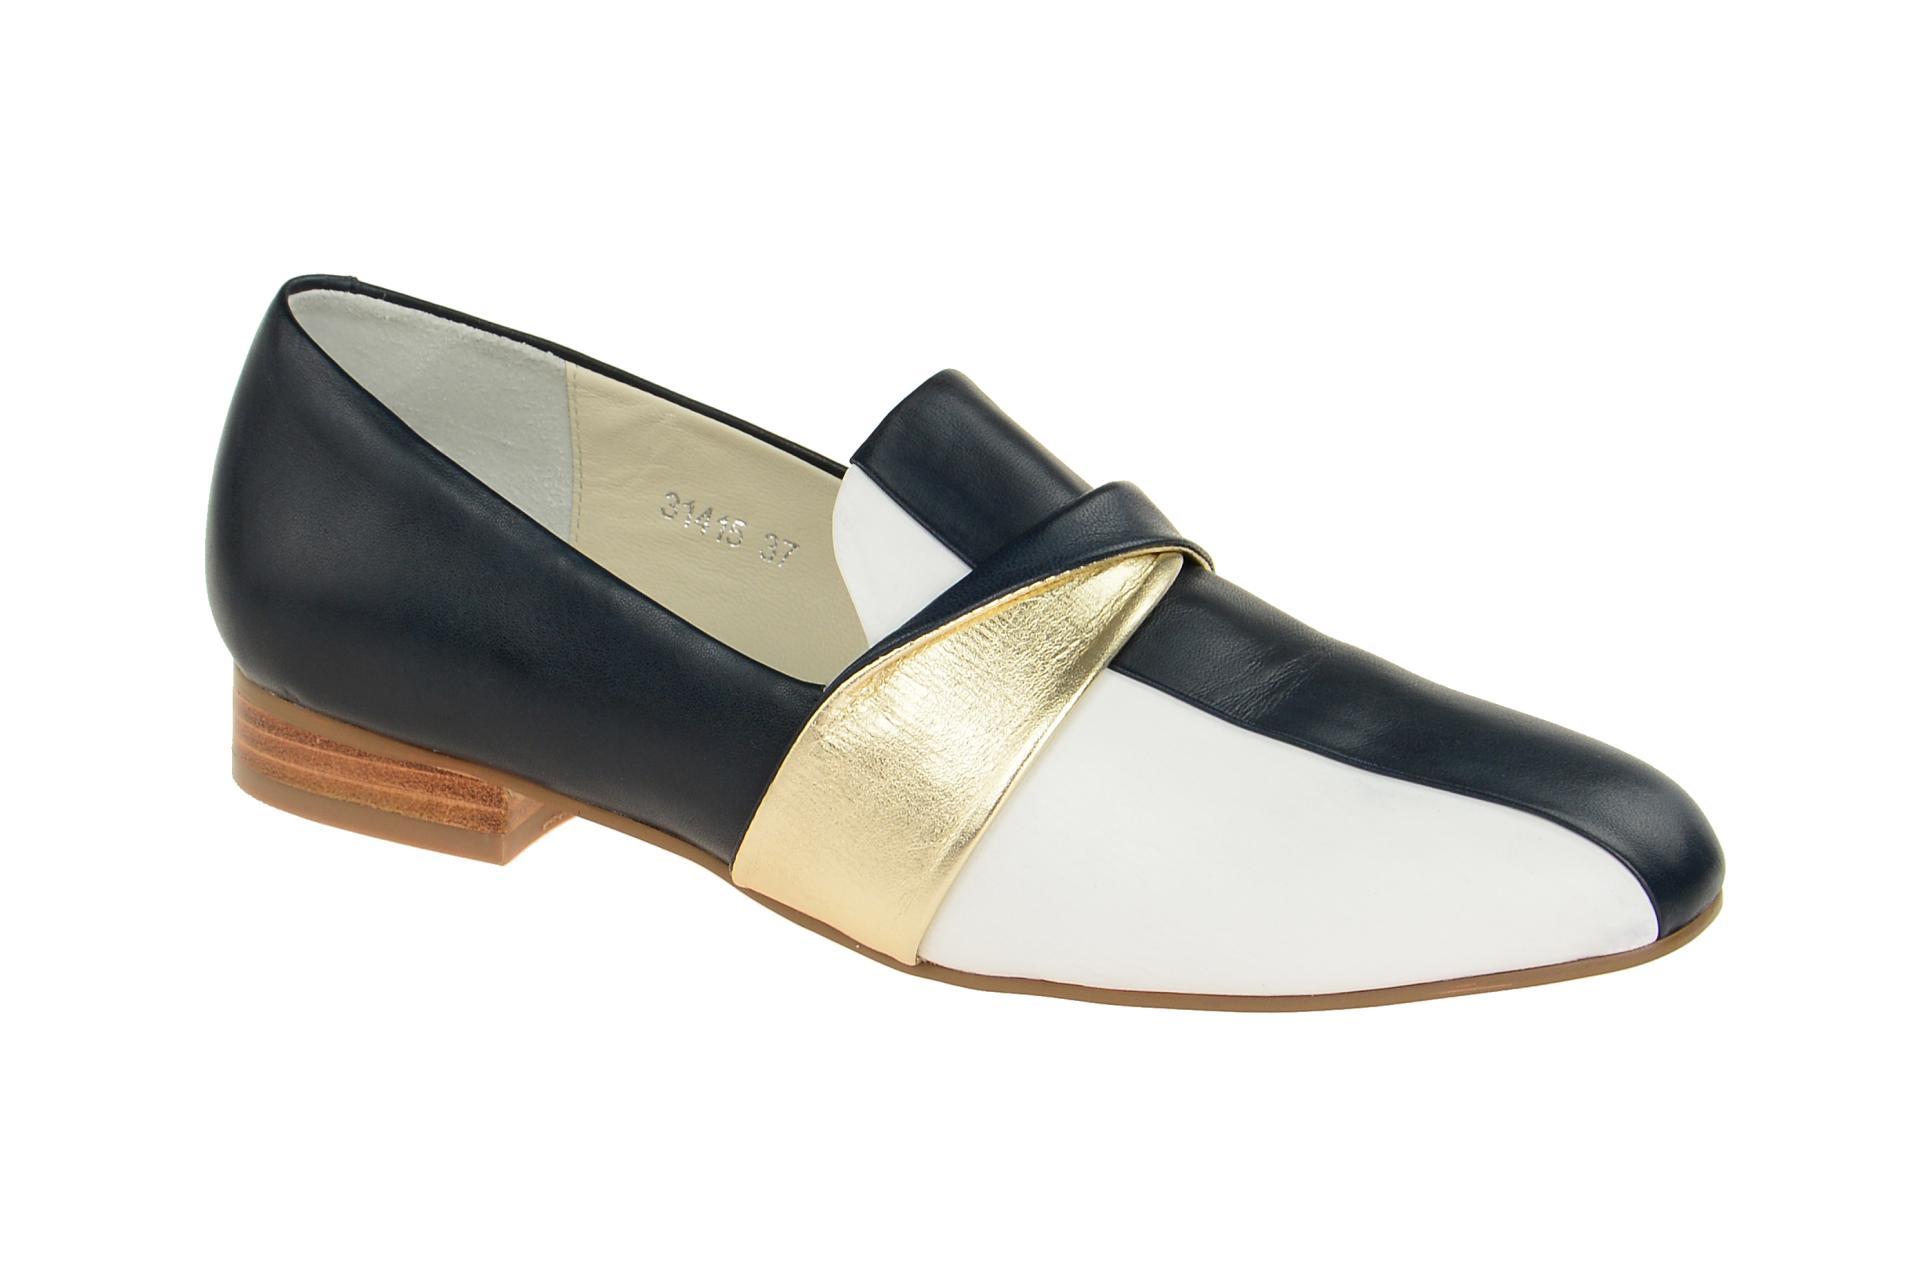 detailed look 3854f fddd7 Details zu Everybody Schuhe 31415 blau Damenschuhe elegante Slipper  31415P1424 blu NEU